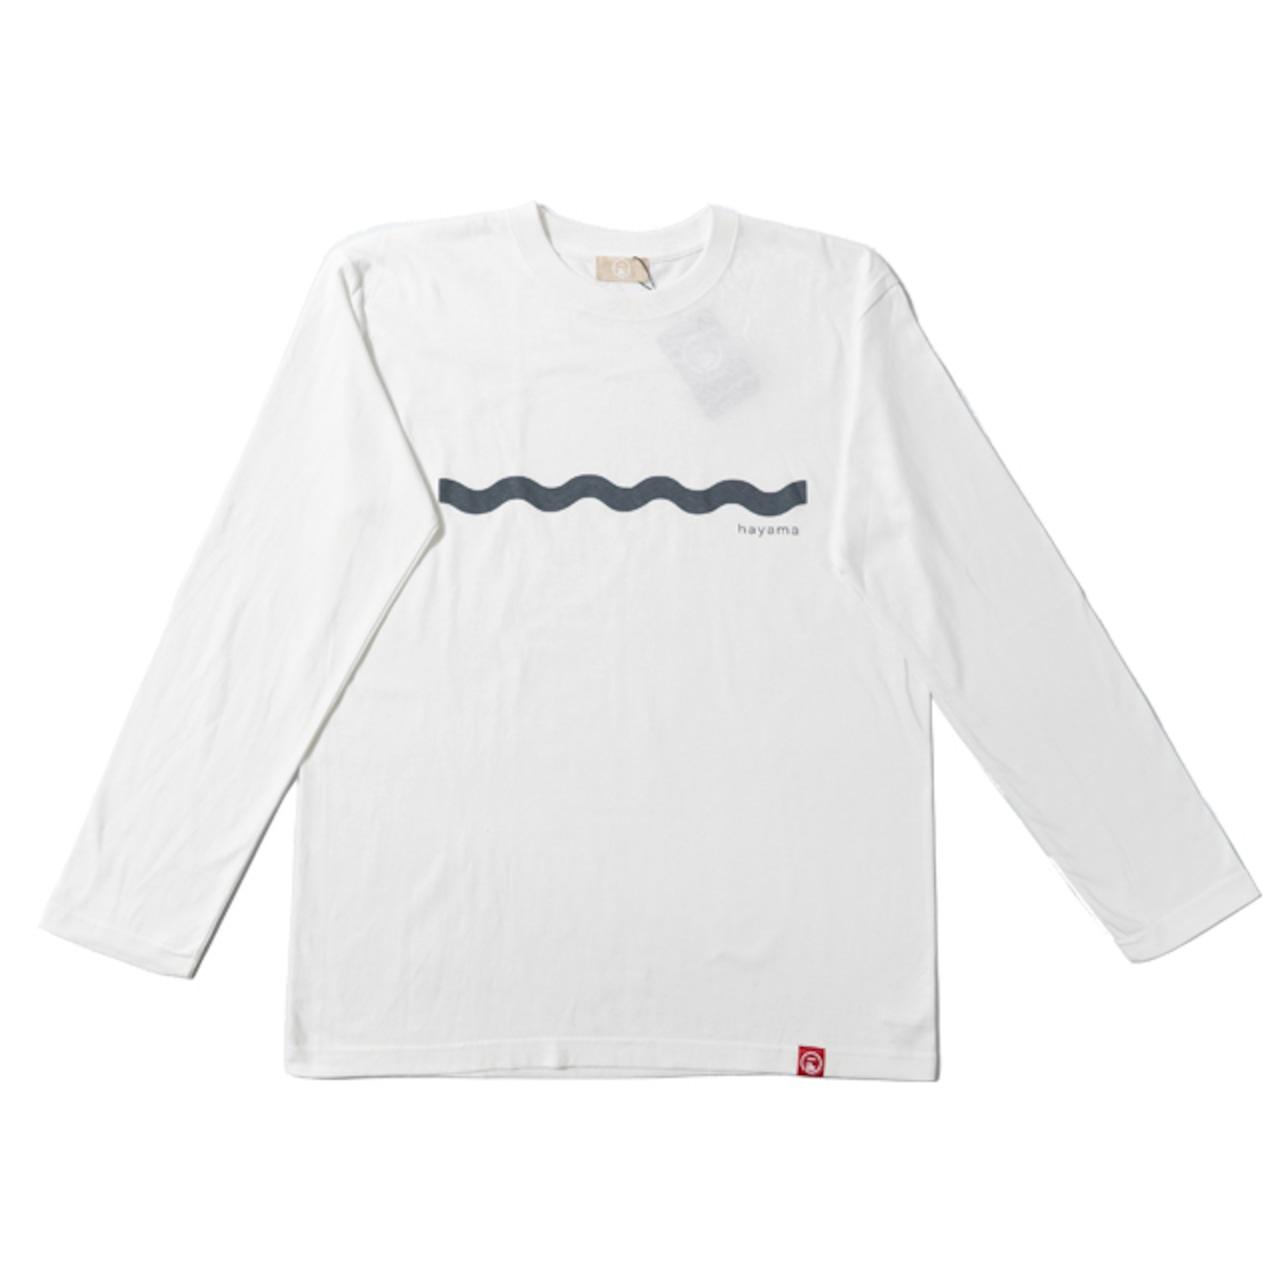 5.6オンス ロングスリーブT-Shirt - WAVE